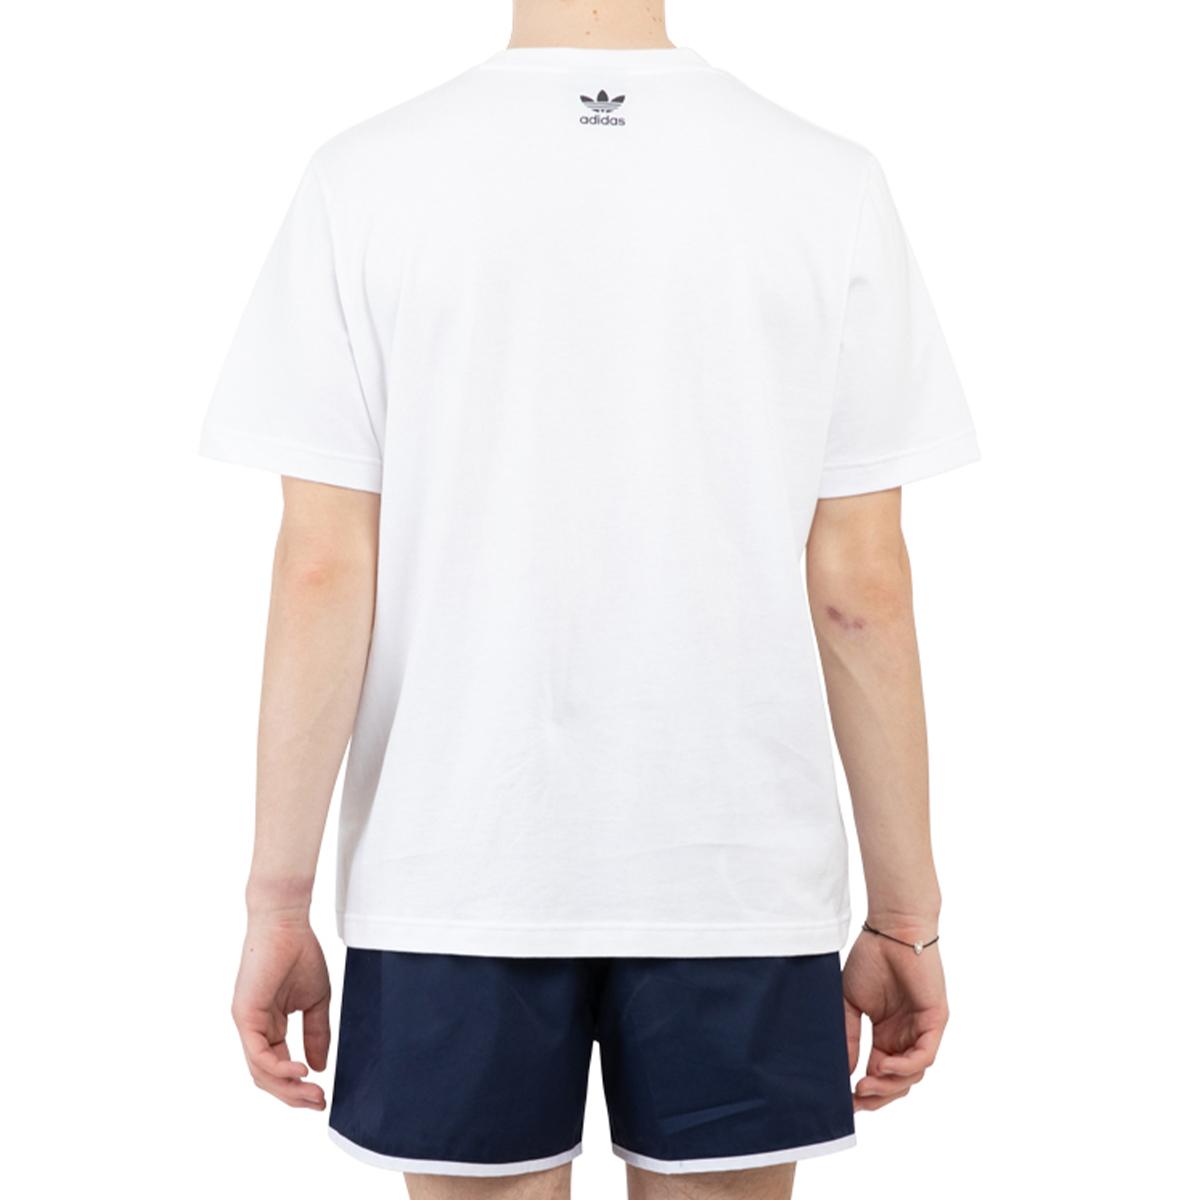 adidas X Human Made Short Sleeve Tee